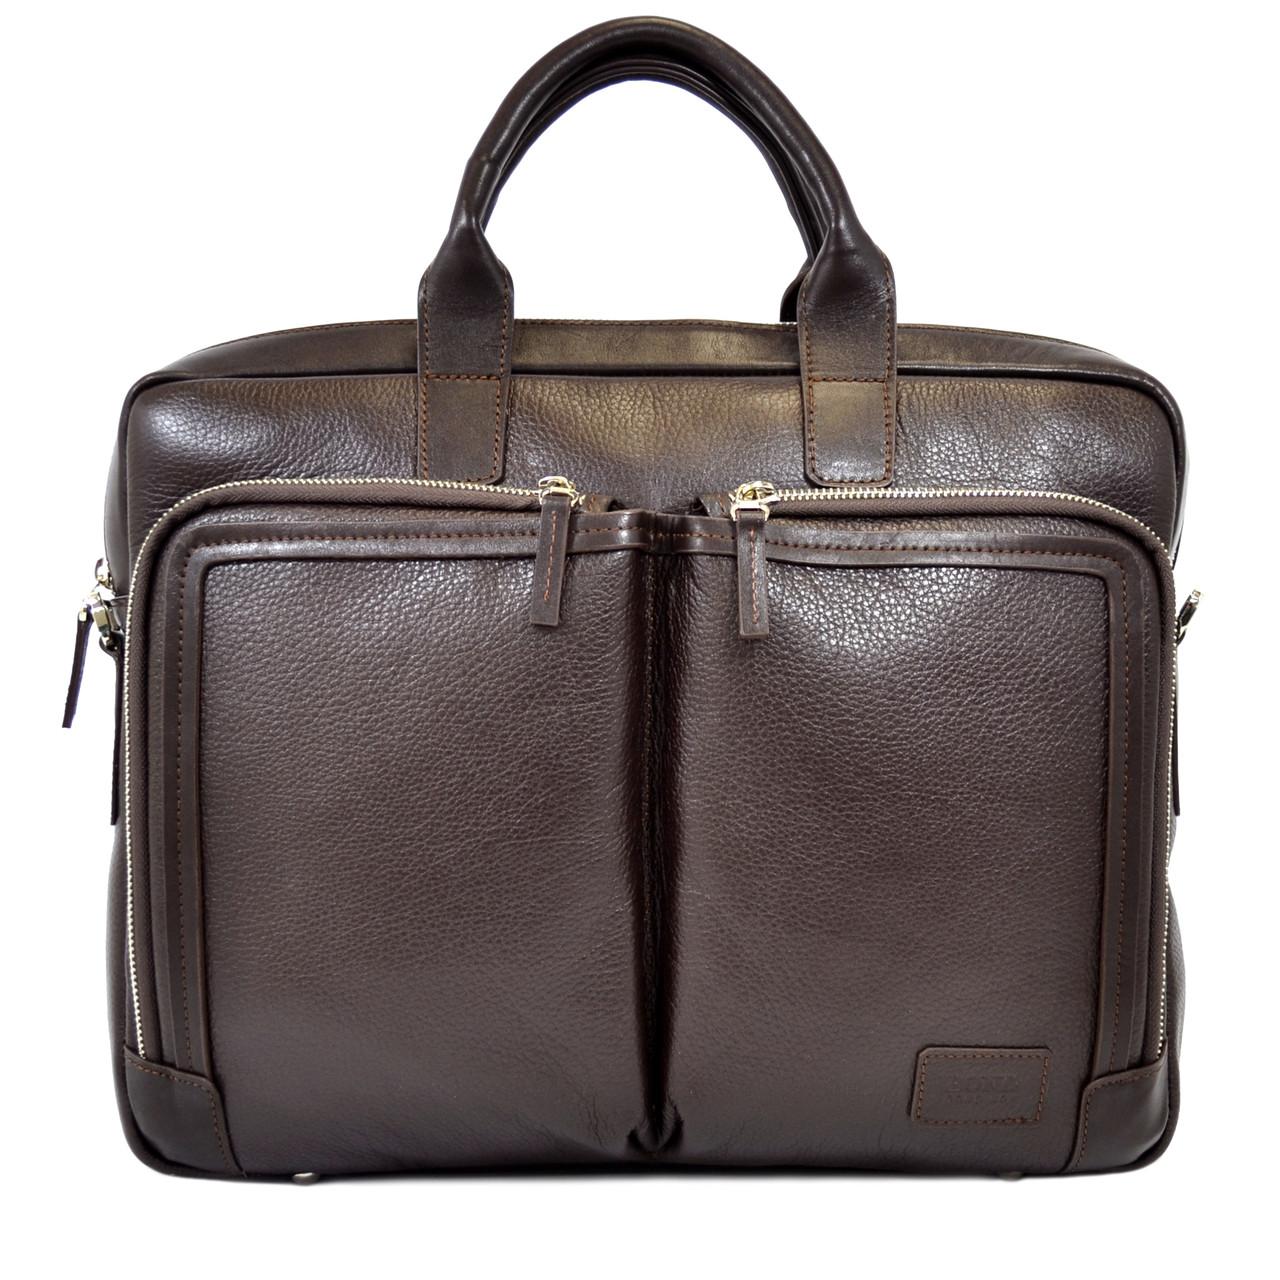 f5d32e515c06 Мужская кожаная сумка для документов Bond - Интернет-магазин